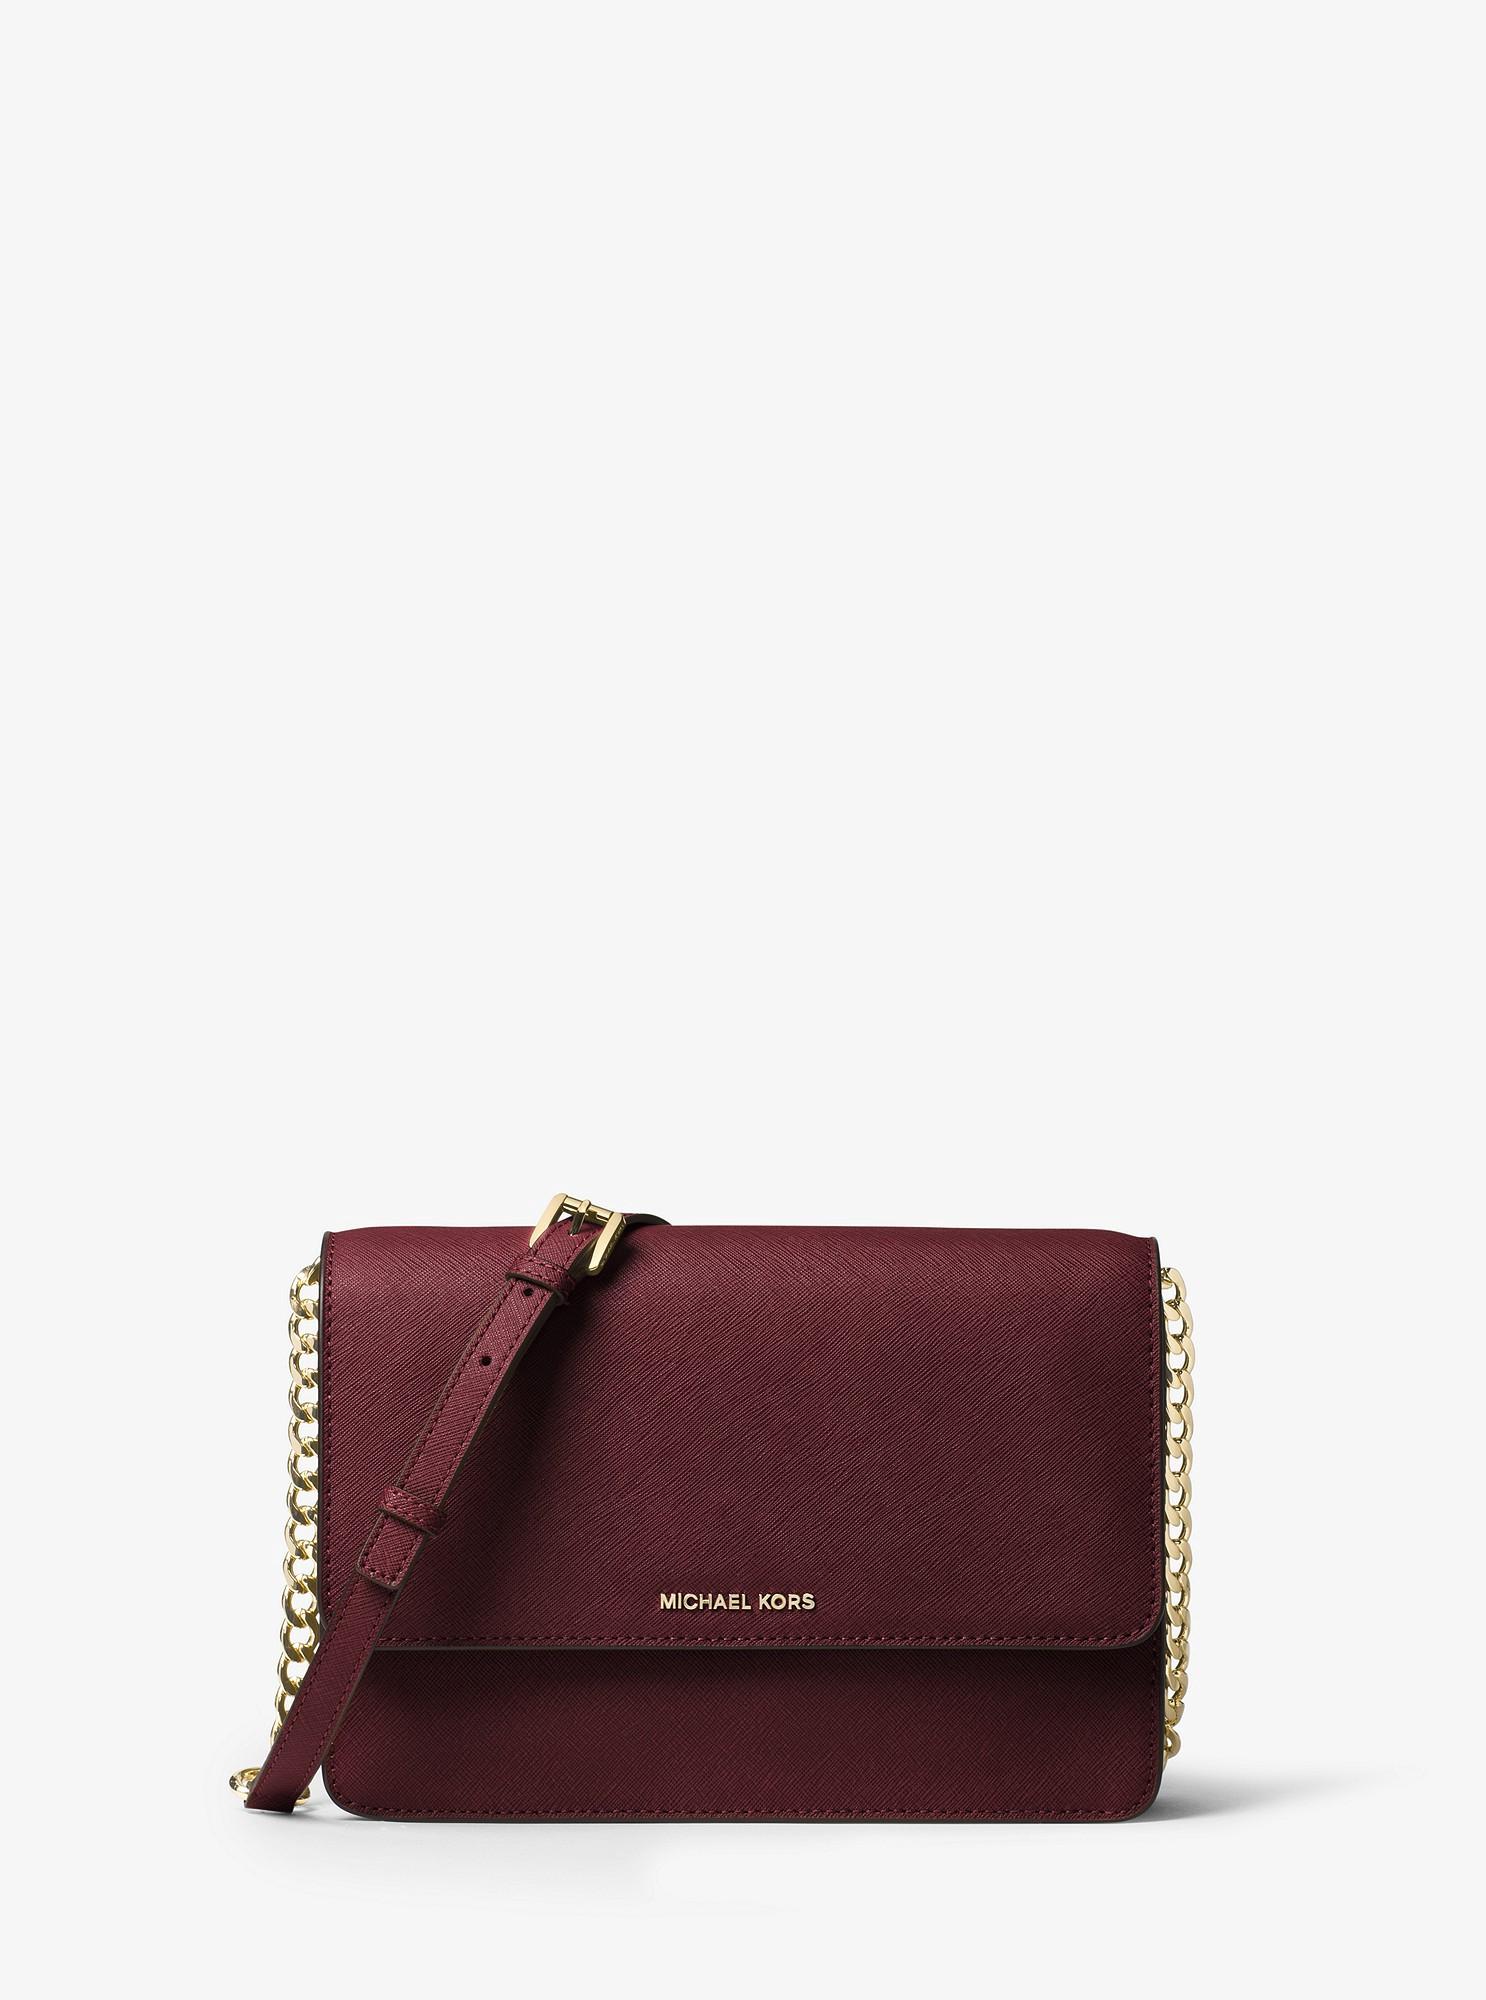 f28f00b2e842 Michael Kors Daniela Large Leather Crossbody - Admiral | Products ...